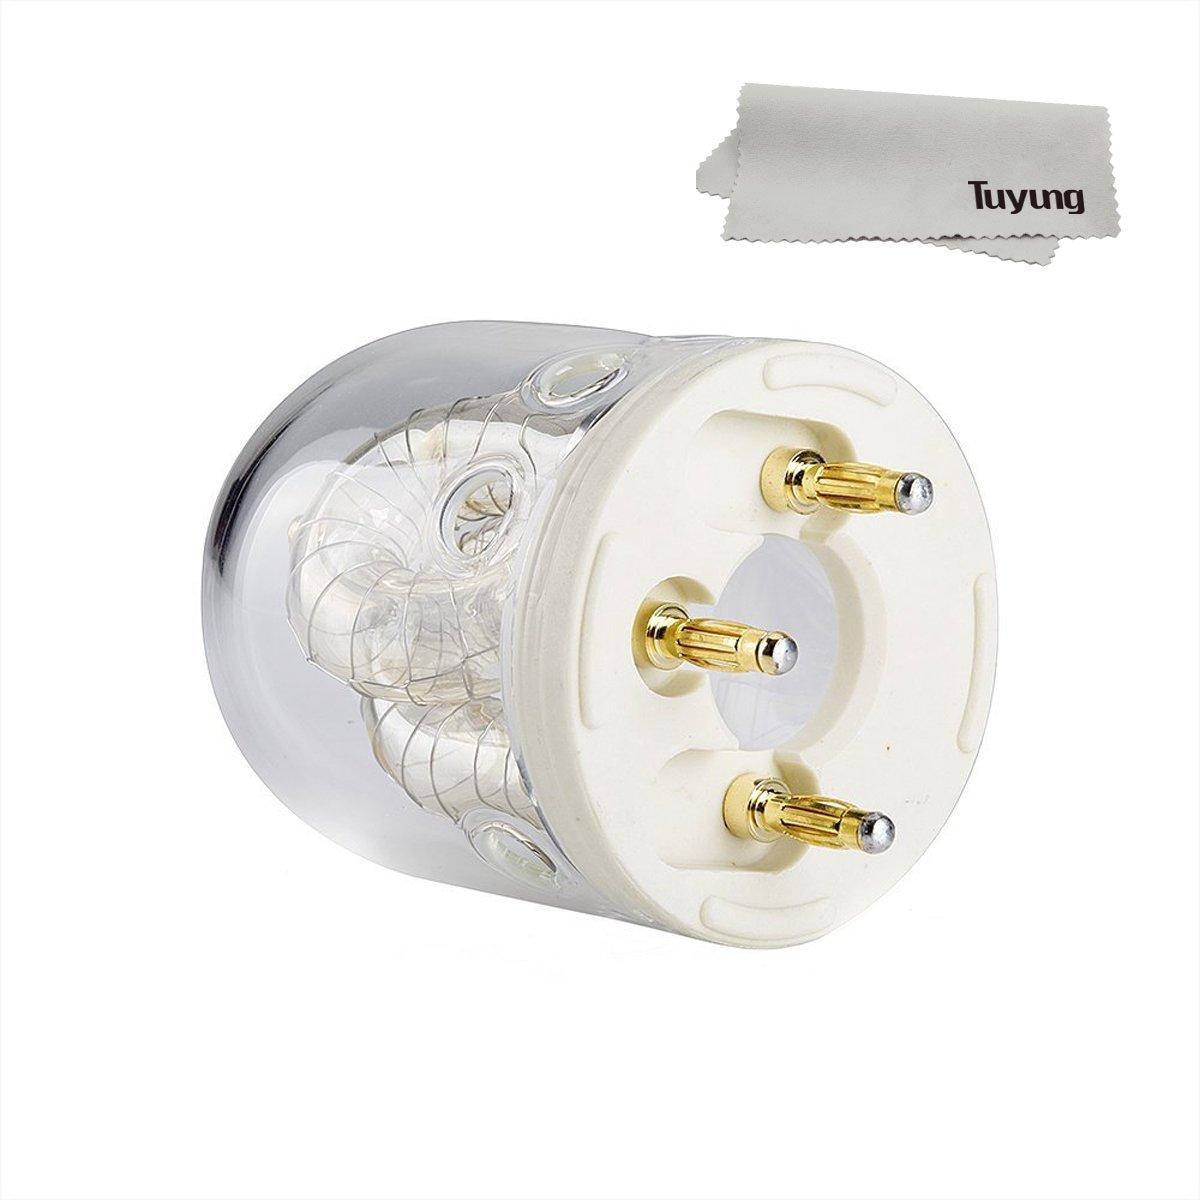 Godox 600W Flash Tube Bare Bulb for Godox Witstro Speedlite AD600 AD600BM by Godox